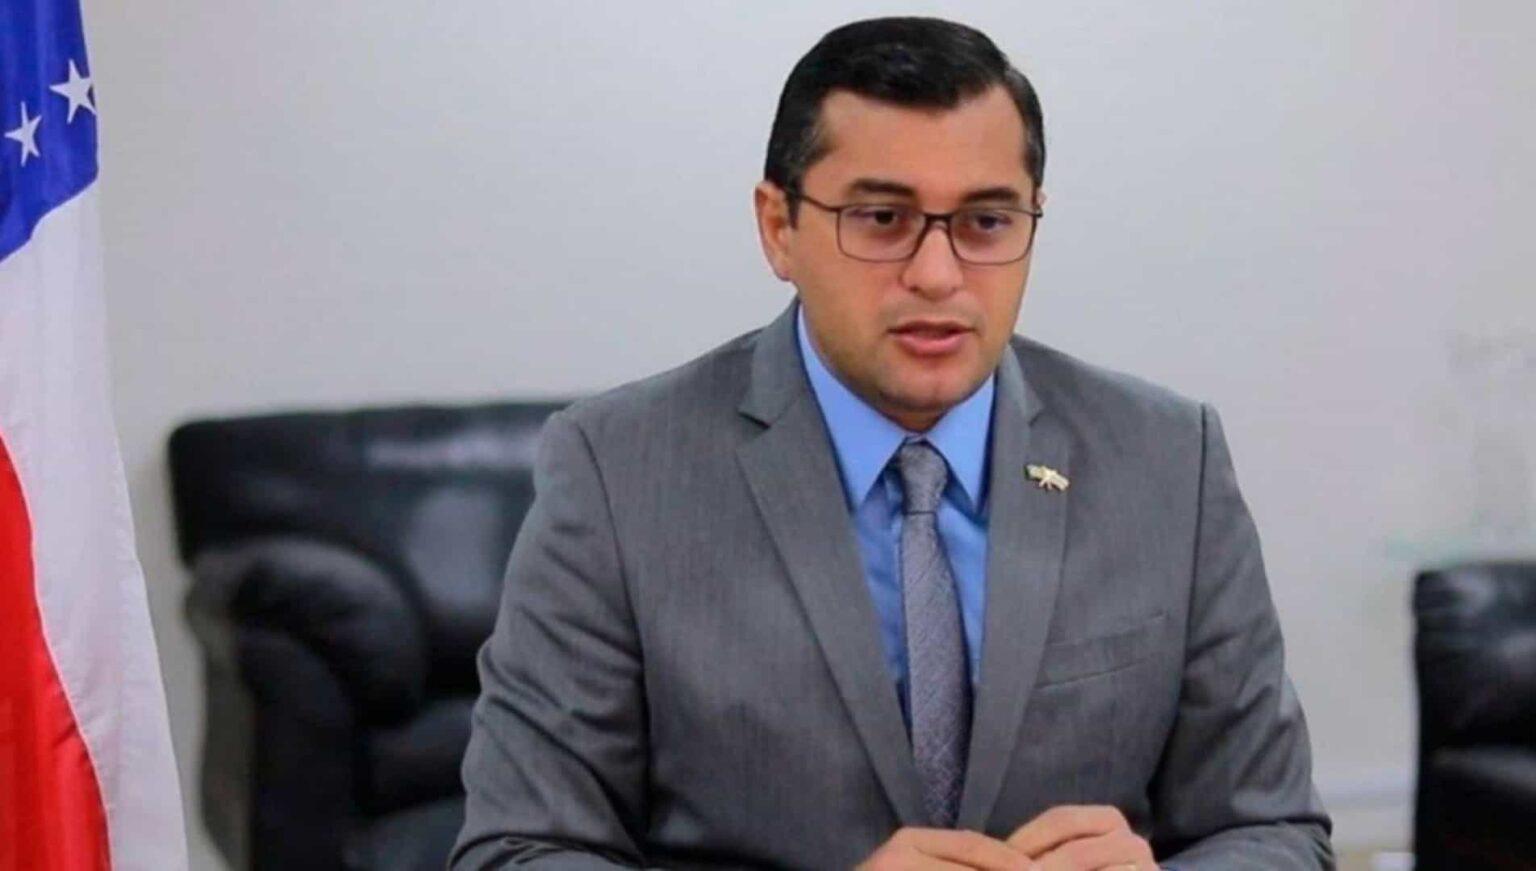 Campelo: Governador foi pressionado a revogar decreto pela manifestação popular